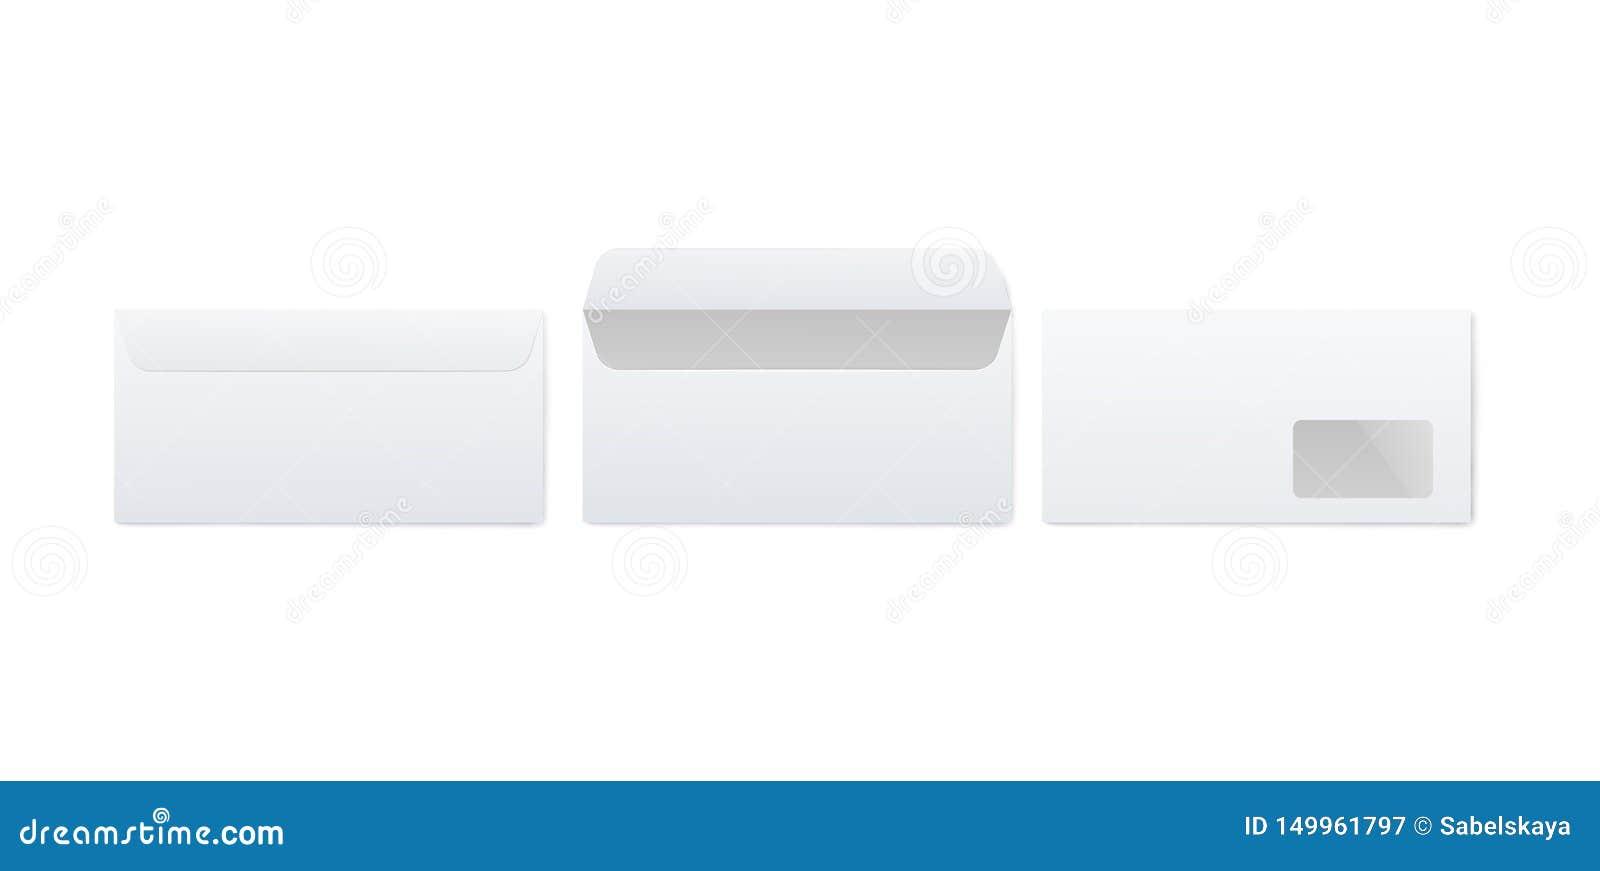 Maquette réaliste de l enveloppe blanche de papier blanc réglée de l avant et de retour de la vue ouverts et fermés